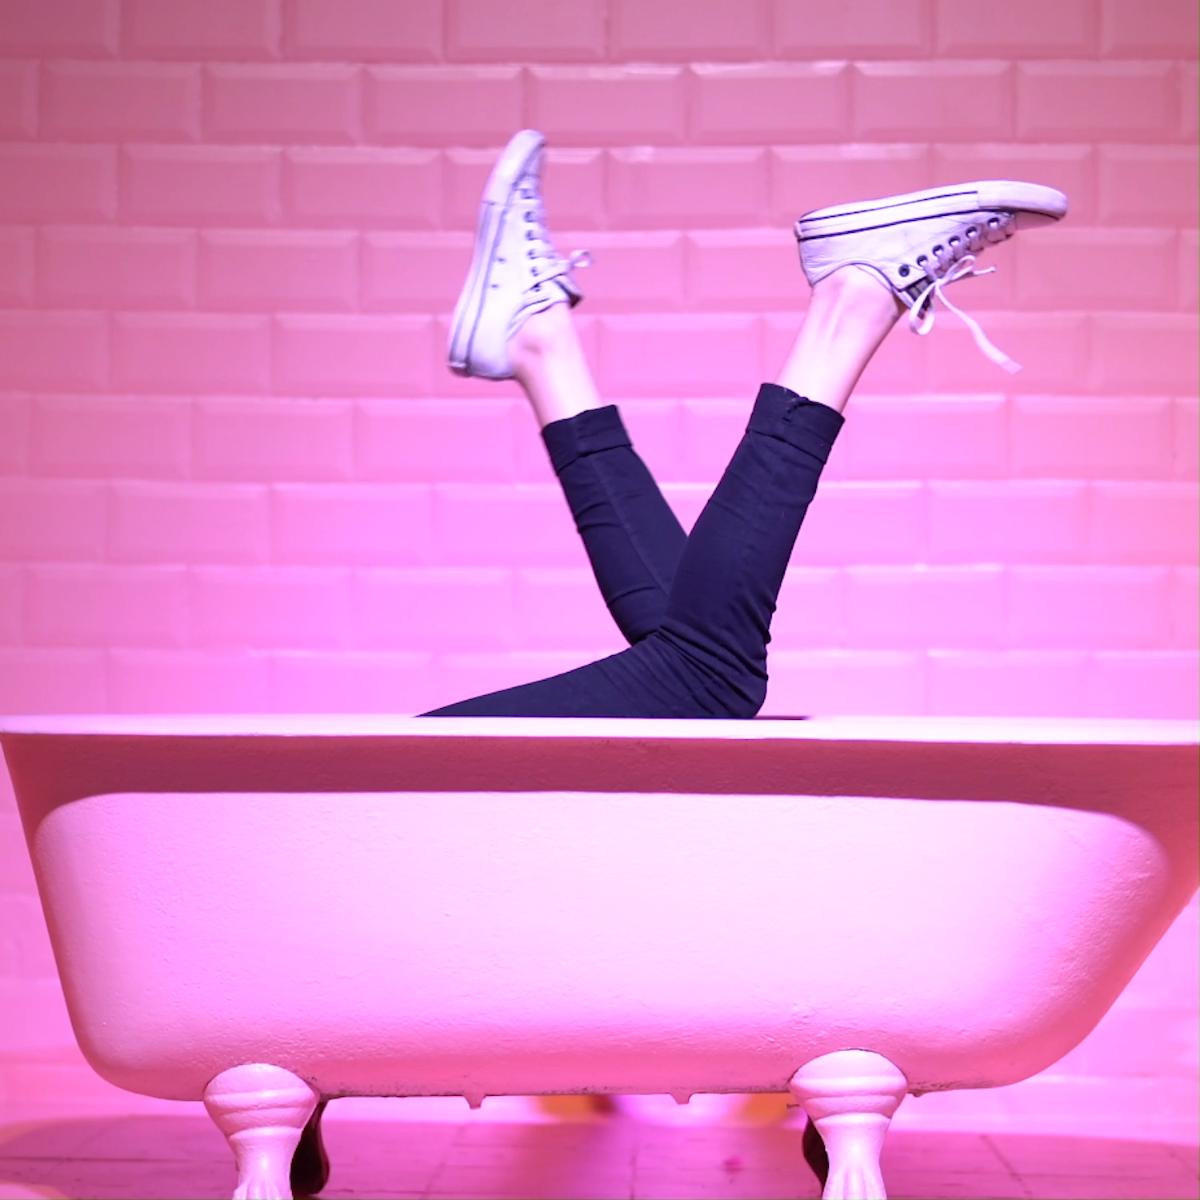 Zum Weiße Tipps Sneaker Saubermachen ReinigenEinfache wX0Pn8Ok